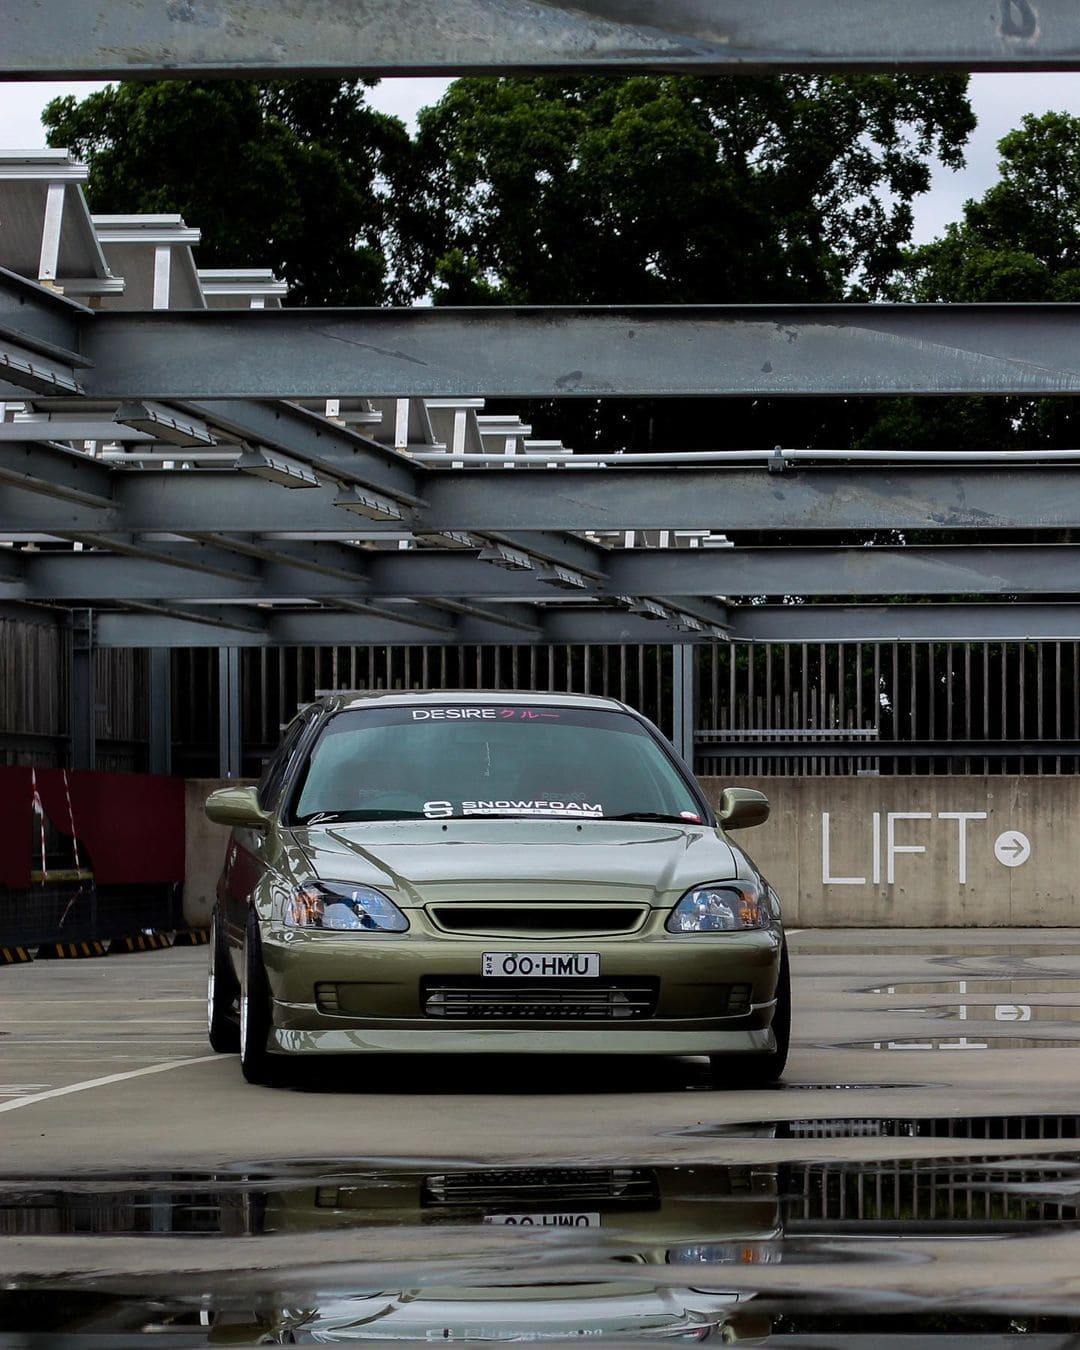 2000 JDM Honda Civic Hatchback Front End